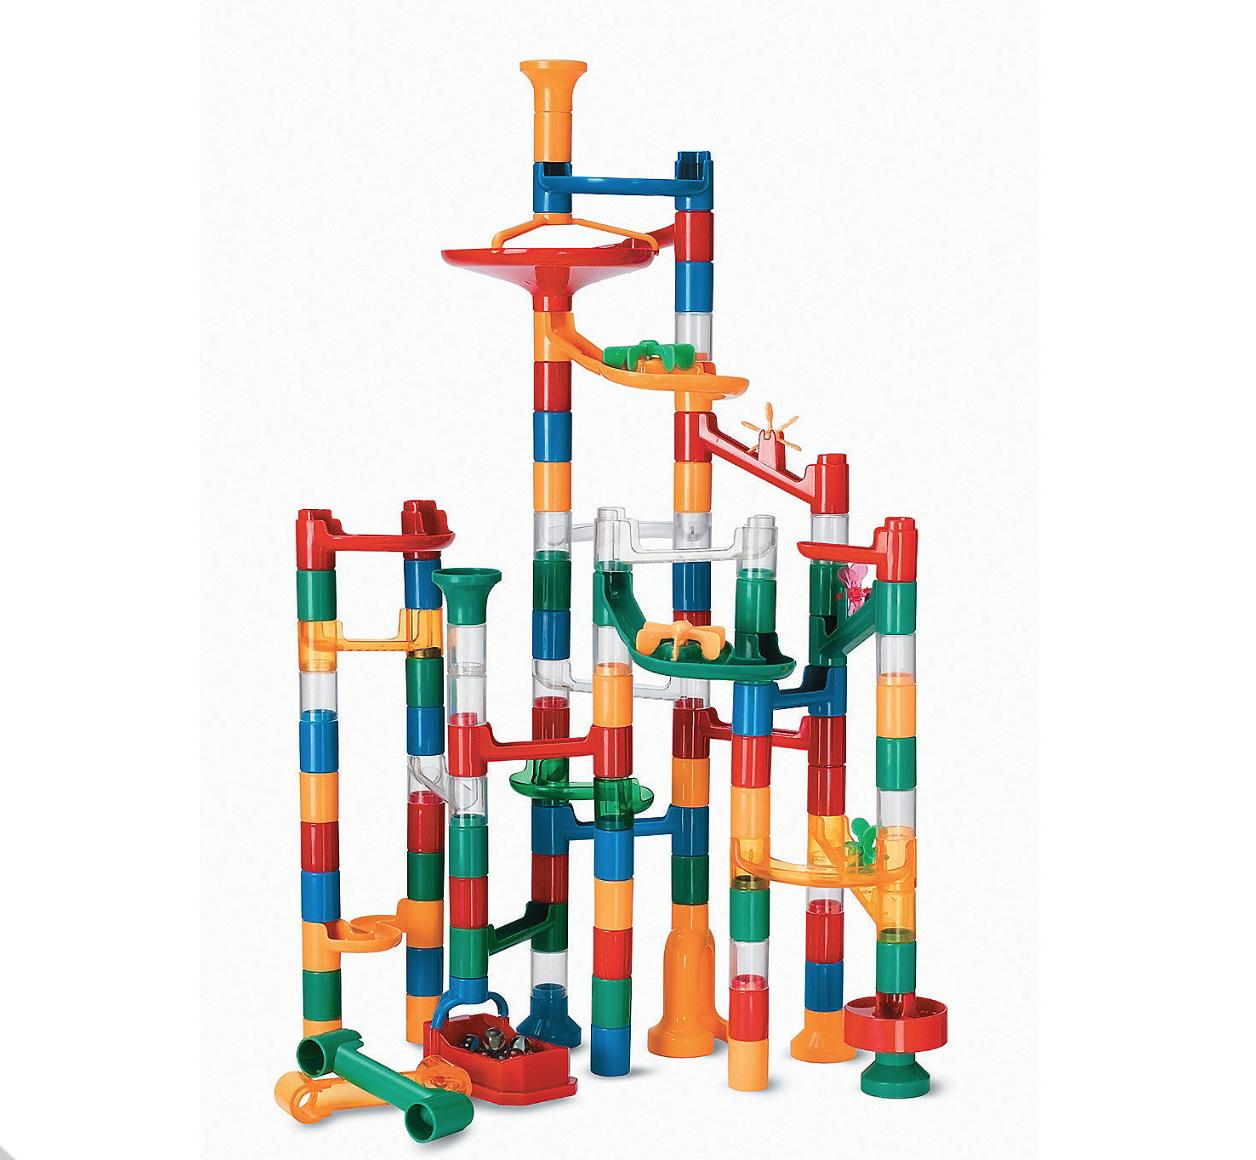 Mindware Educational Toys